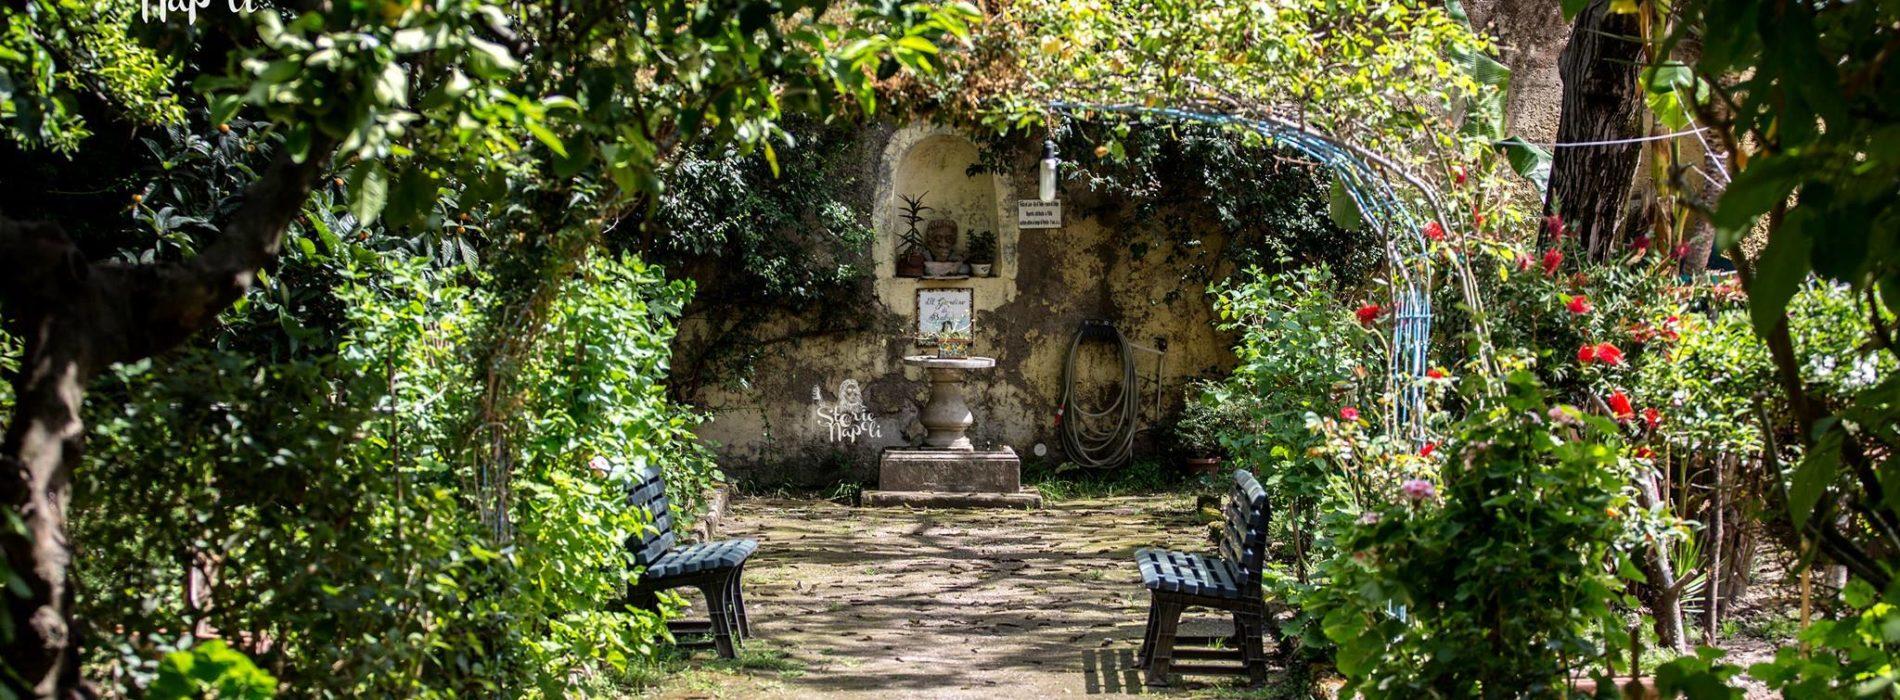 Il giardino di babuk un oasi nel cuore di napoli - Arte e giardino ...